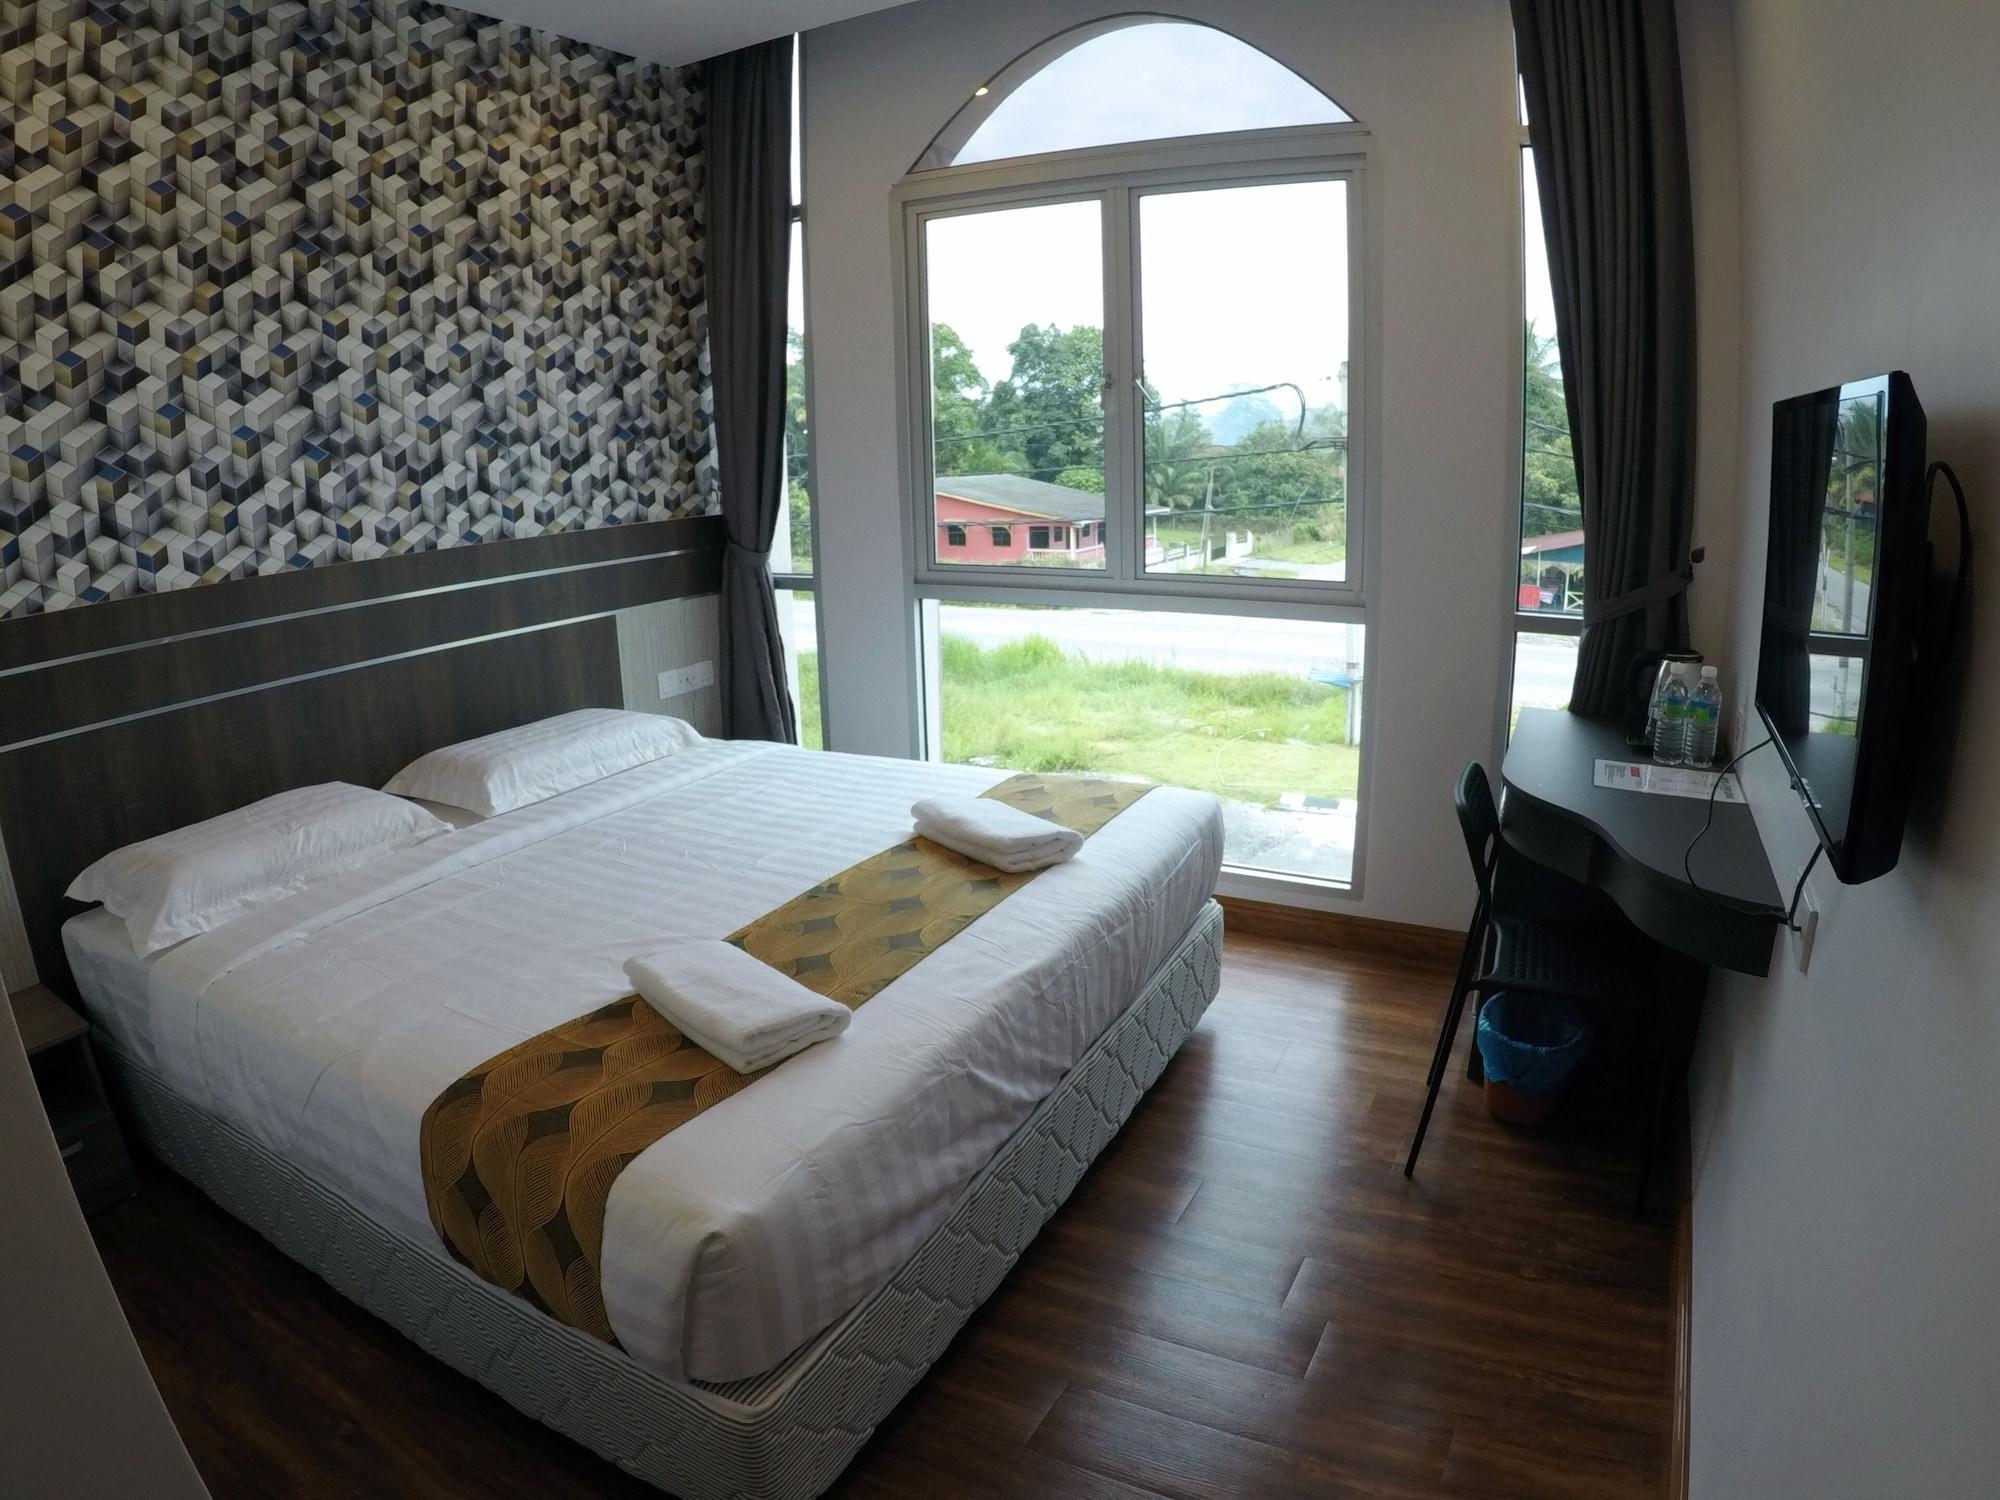 Hotel Kawan Bidor, Batang Padang